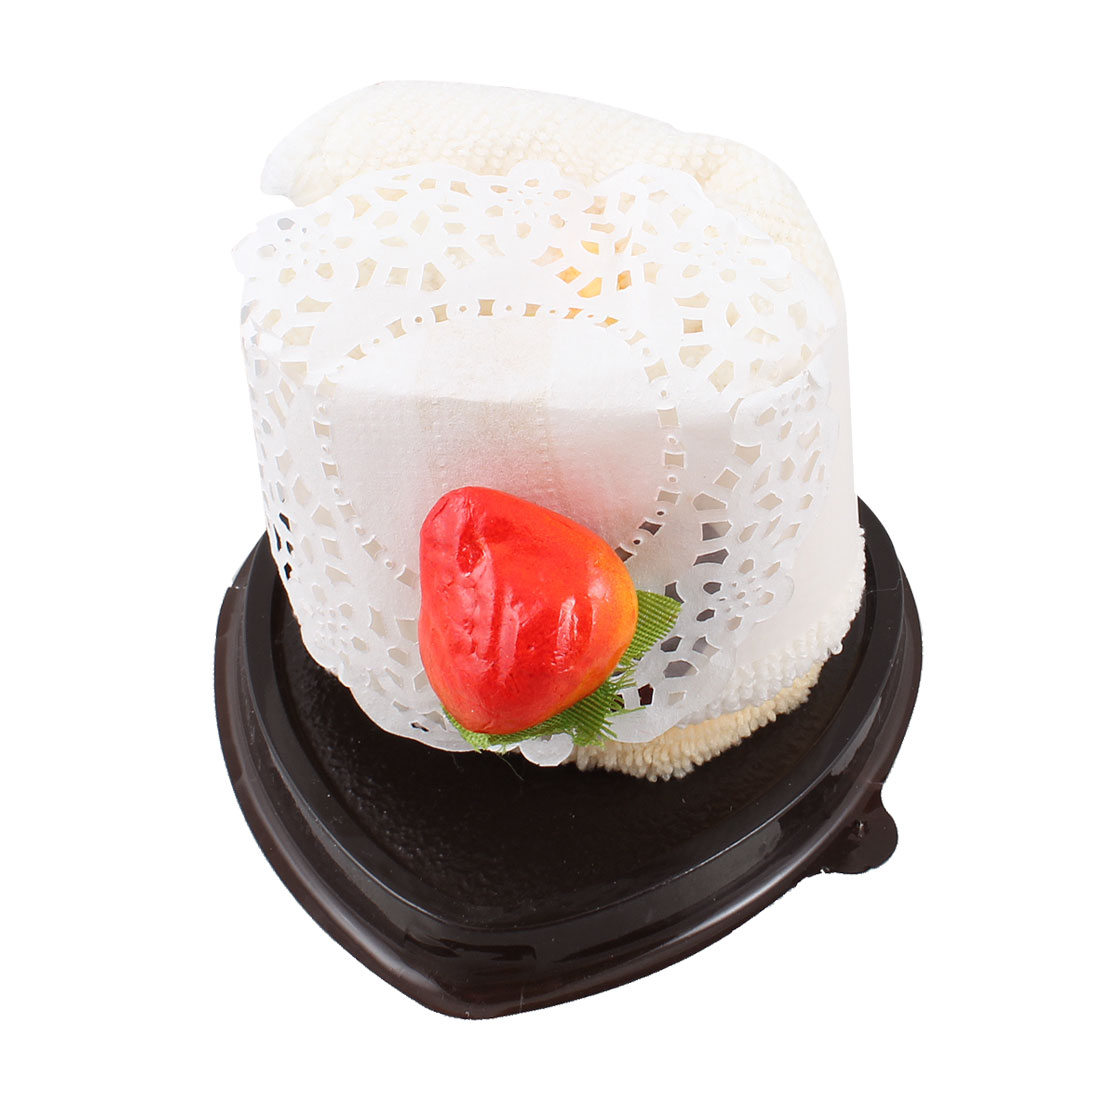 Wedding Decoration Off White Orange Heart Cake Style Towel Washcloth